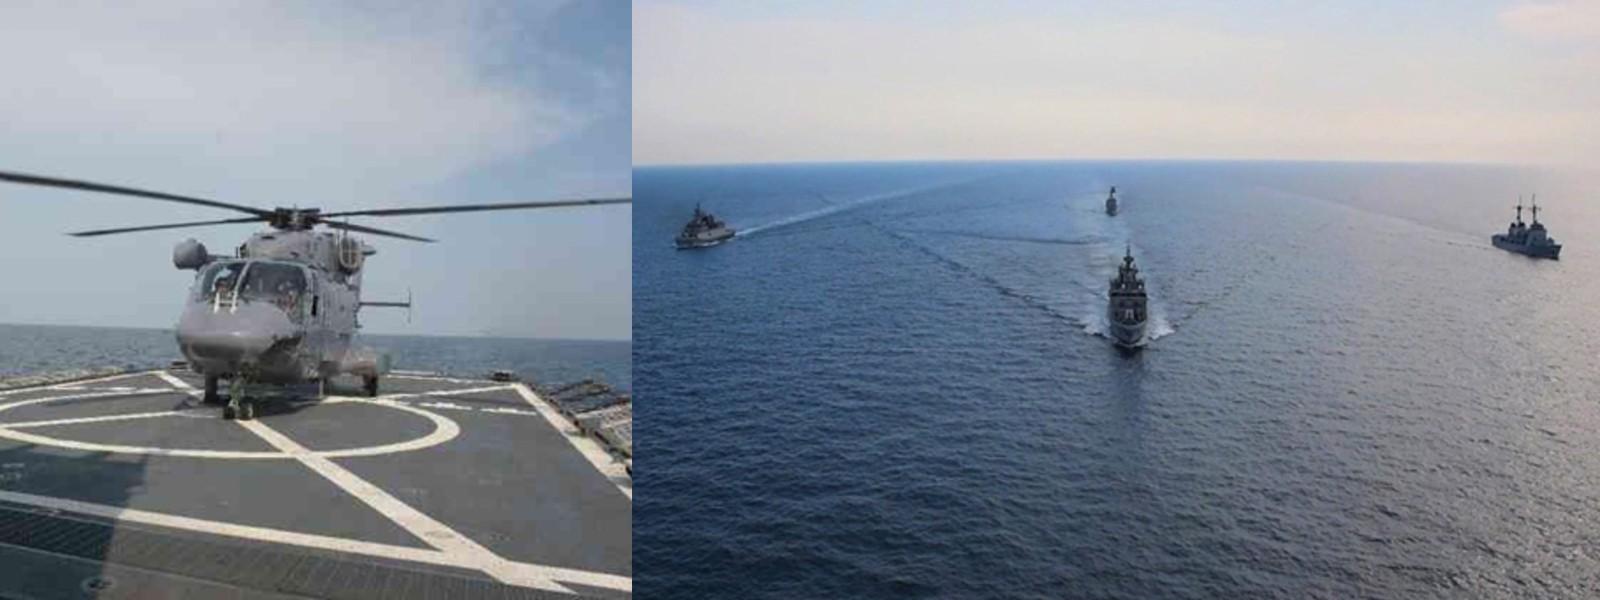 SLINEX – 20 conducted off the Eastern Coast of Sri Lanka